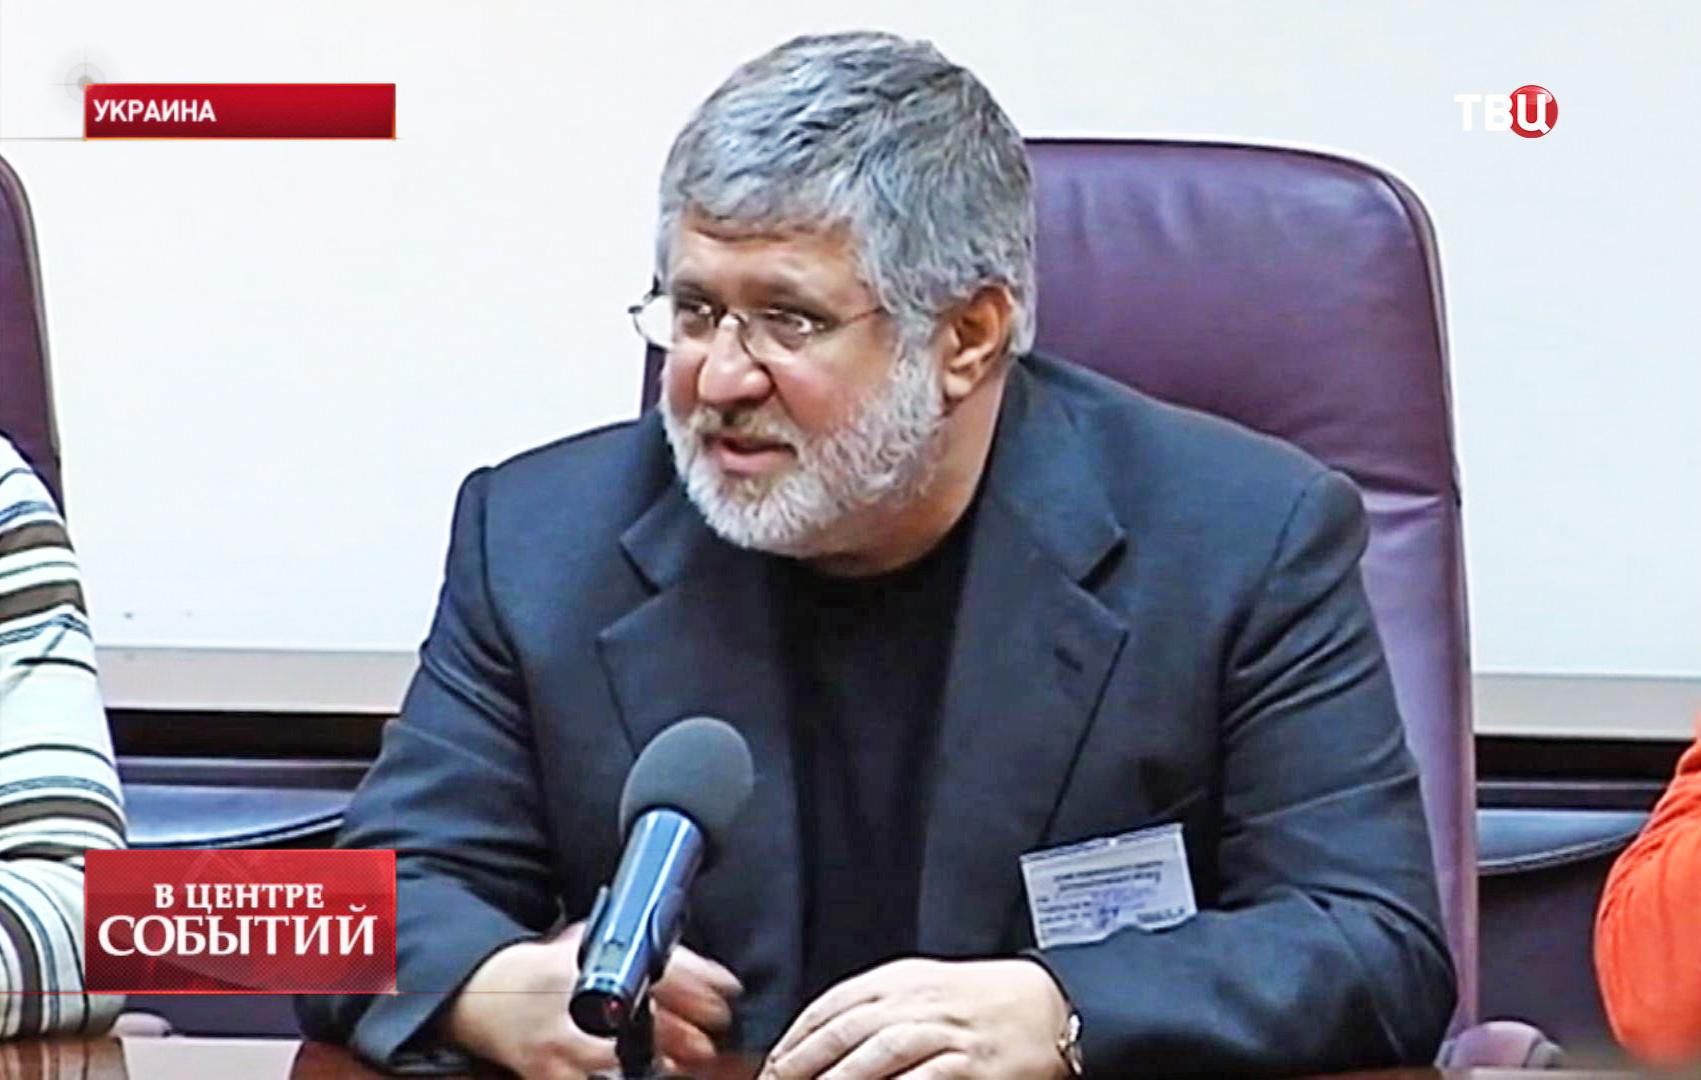 Глава Днепропетровской области Игорь Коломойский